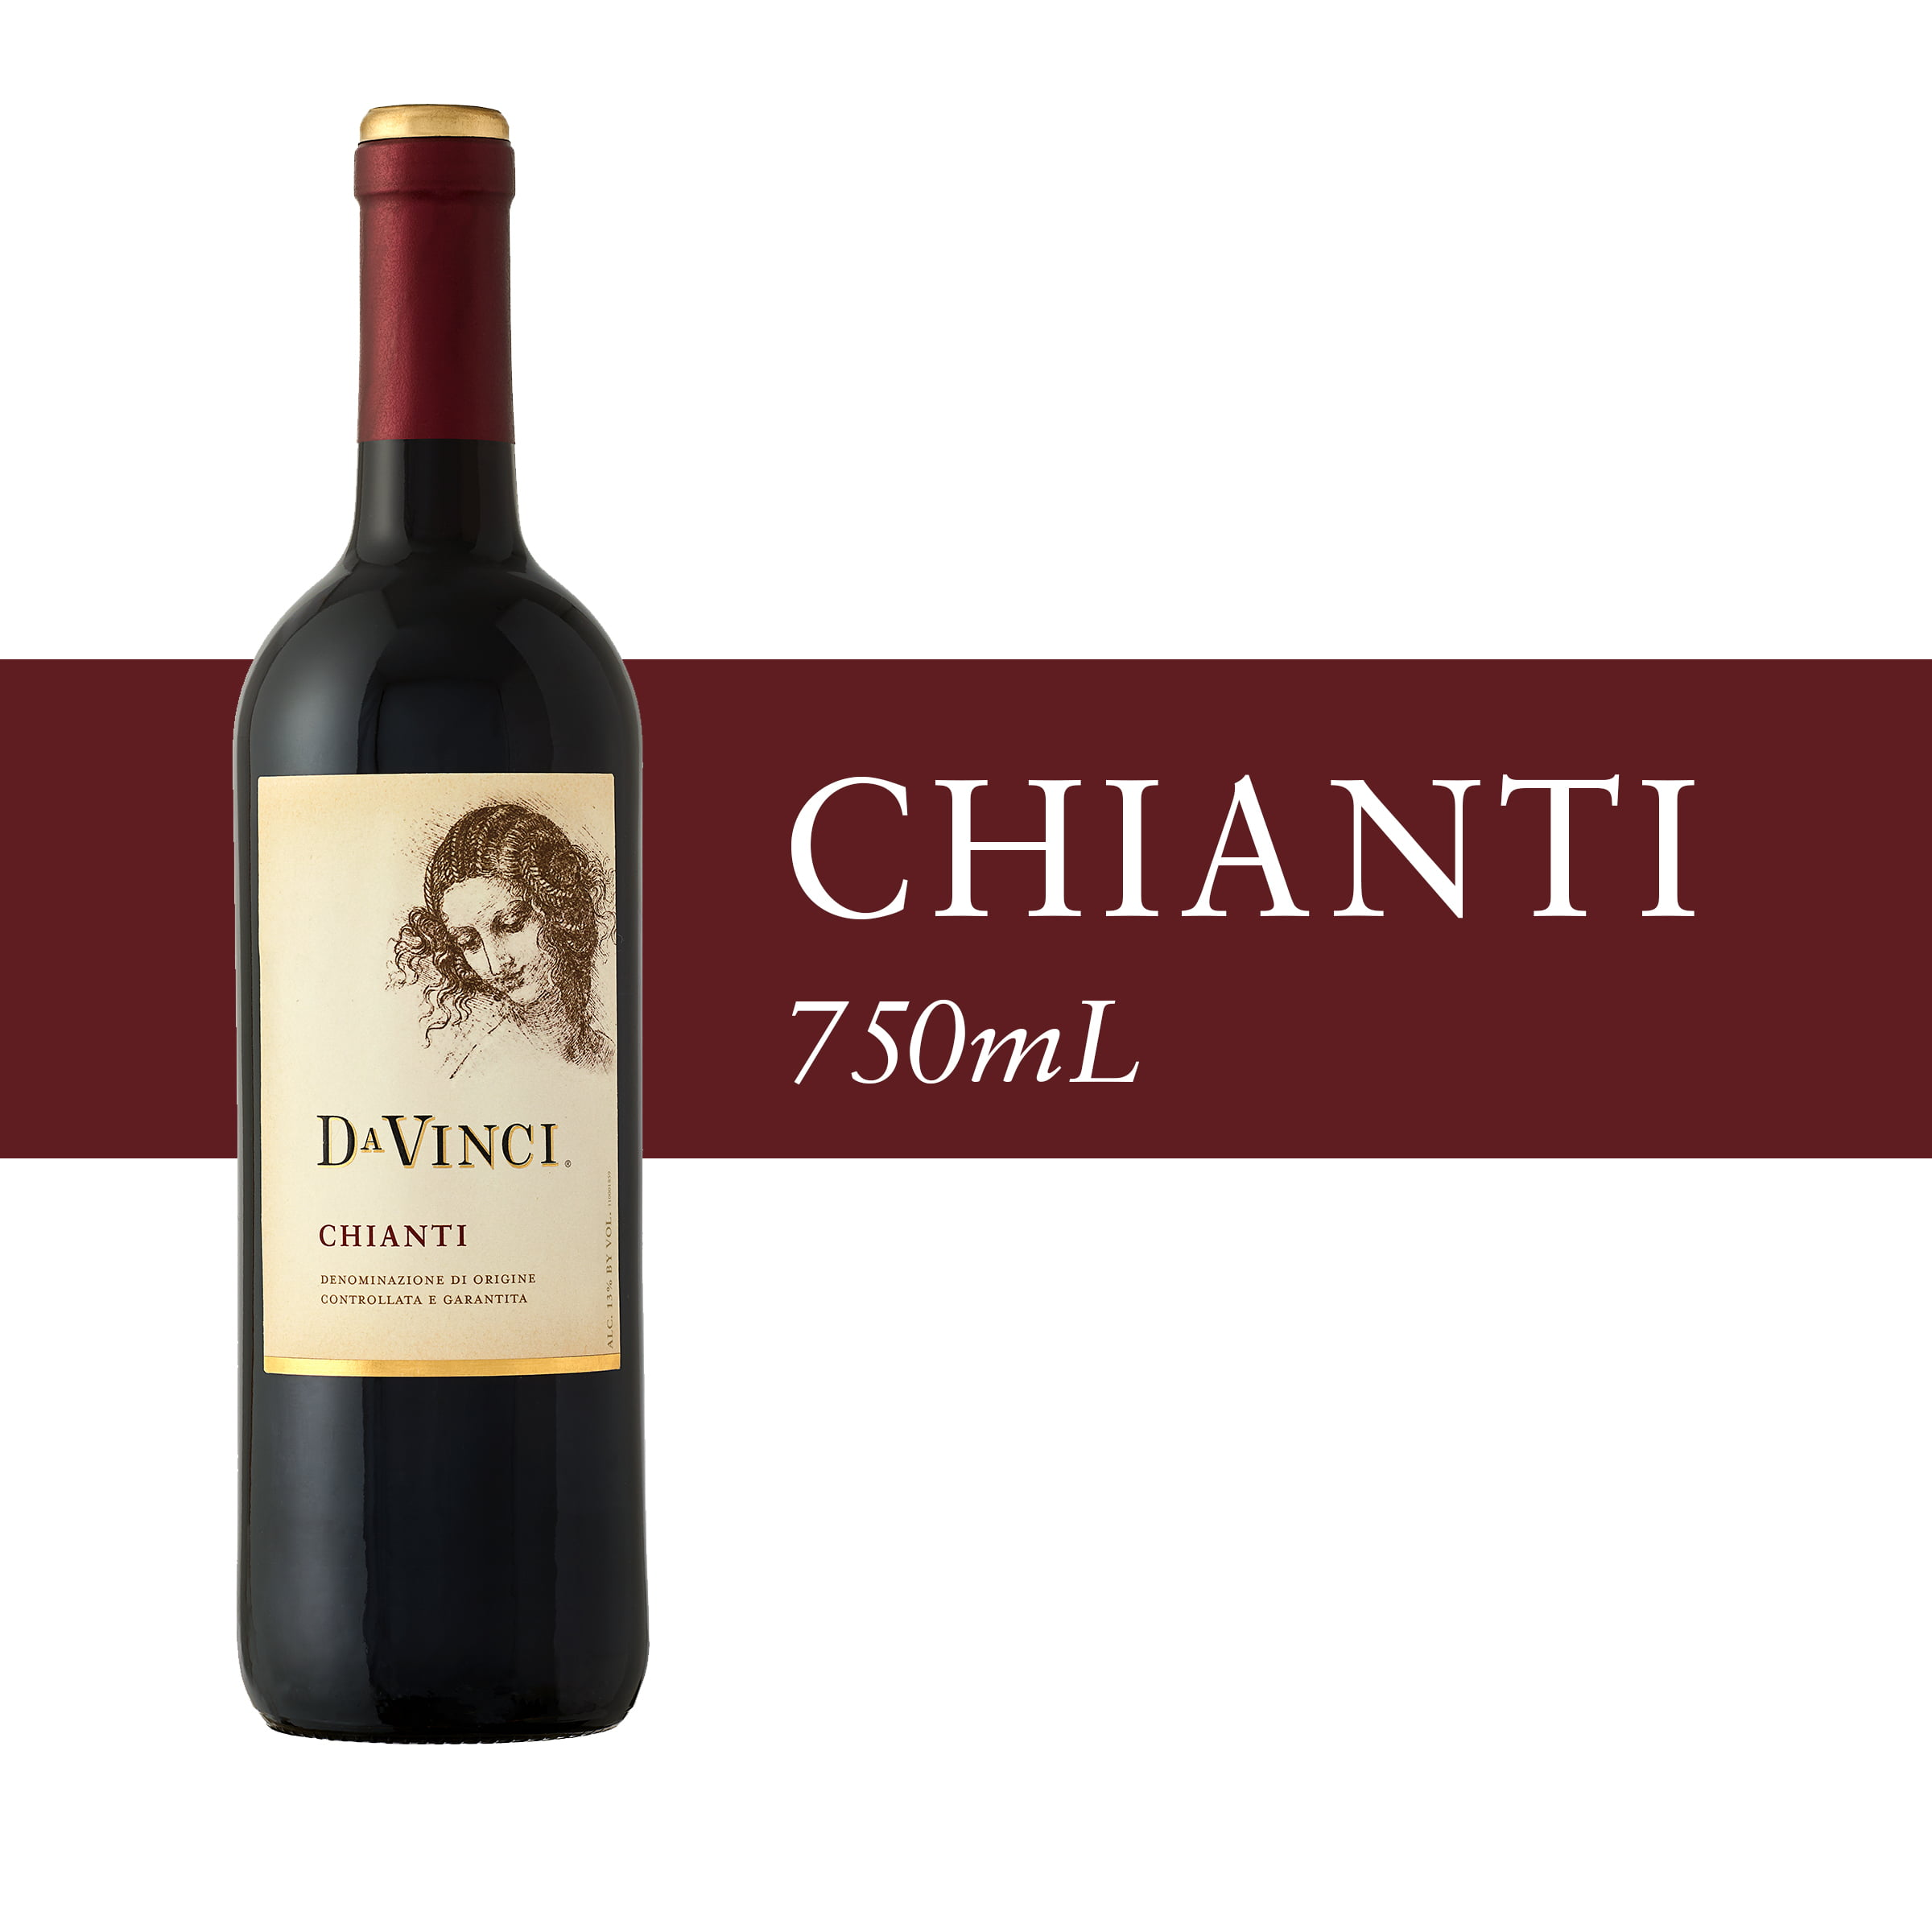 Davinci Chianti Italian Red Wine 750ml Walmart Com Walmart Com